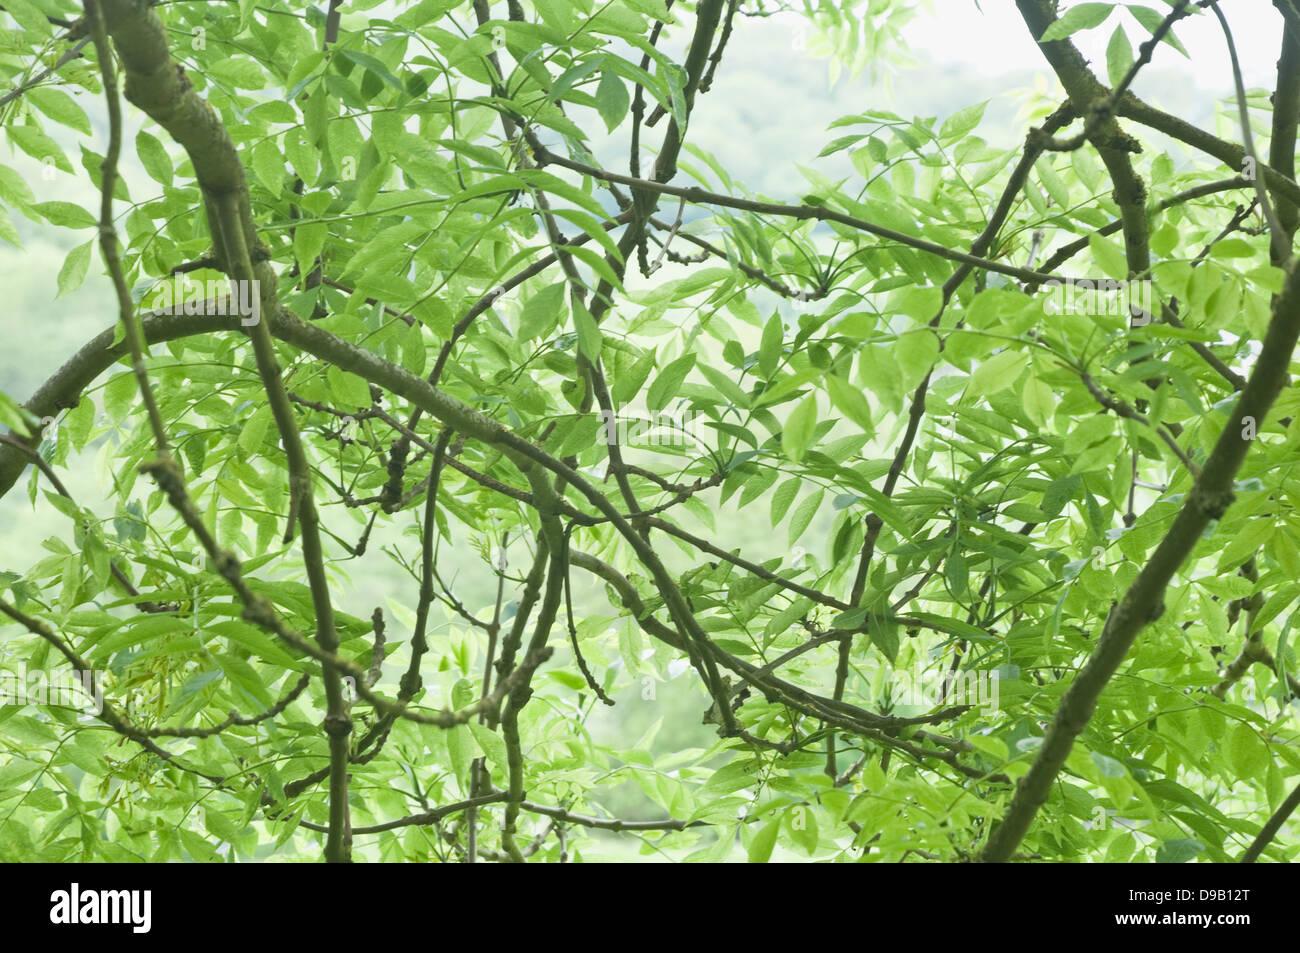 Esche (Fraxinus Excelsior) Blätter, Zweige und Äste. England, UK. Stockbild